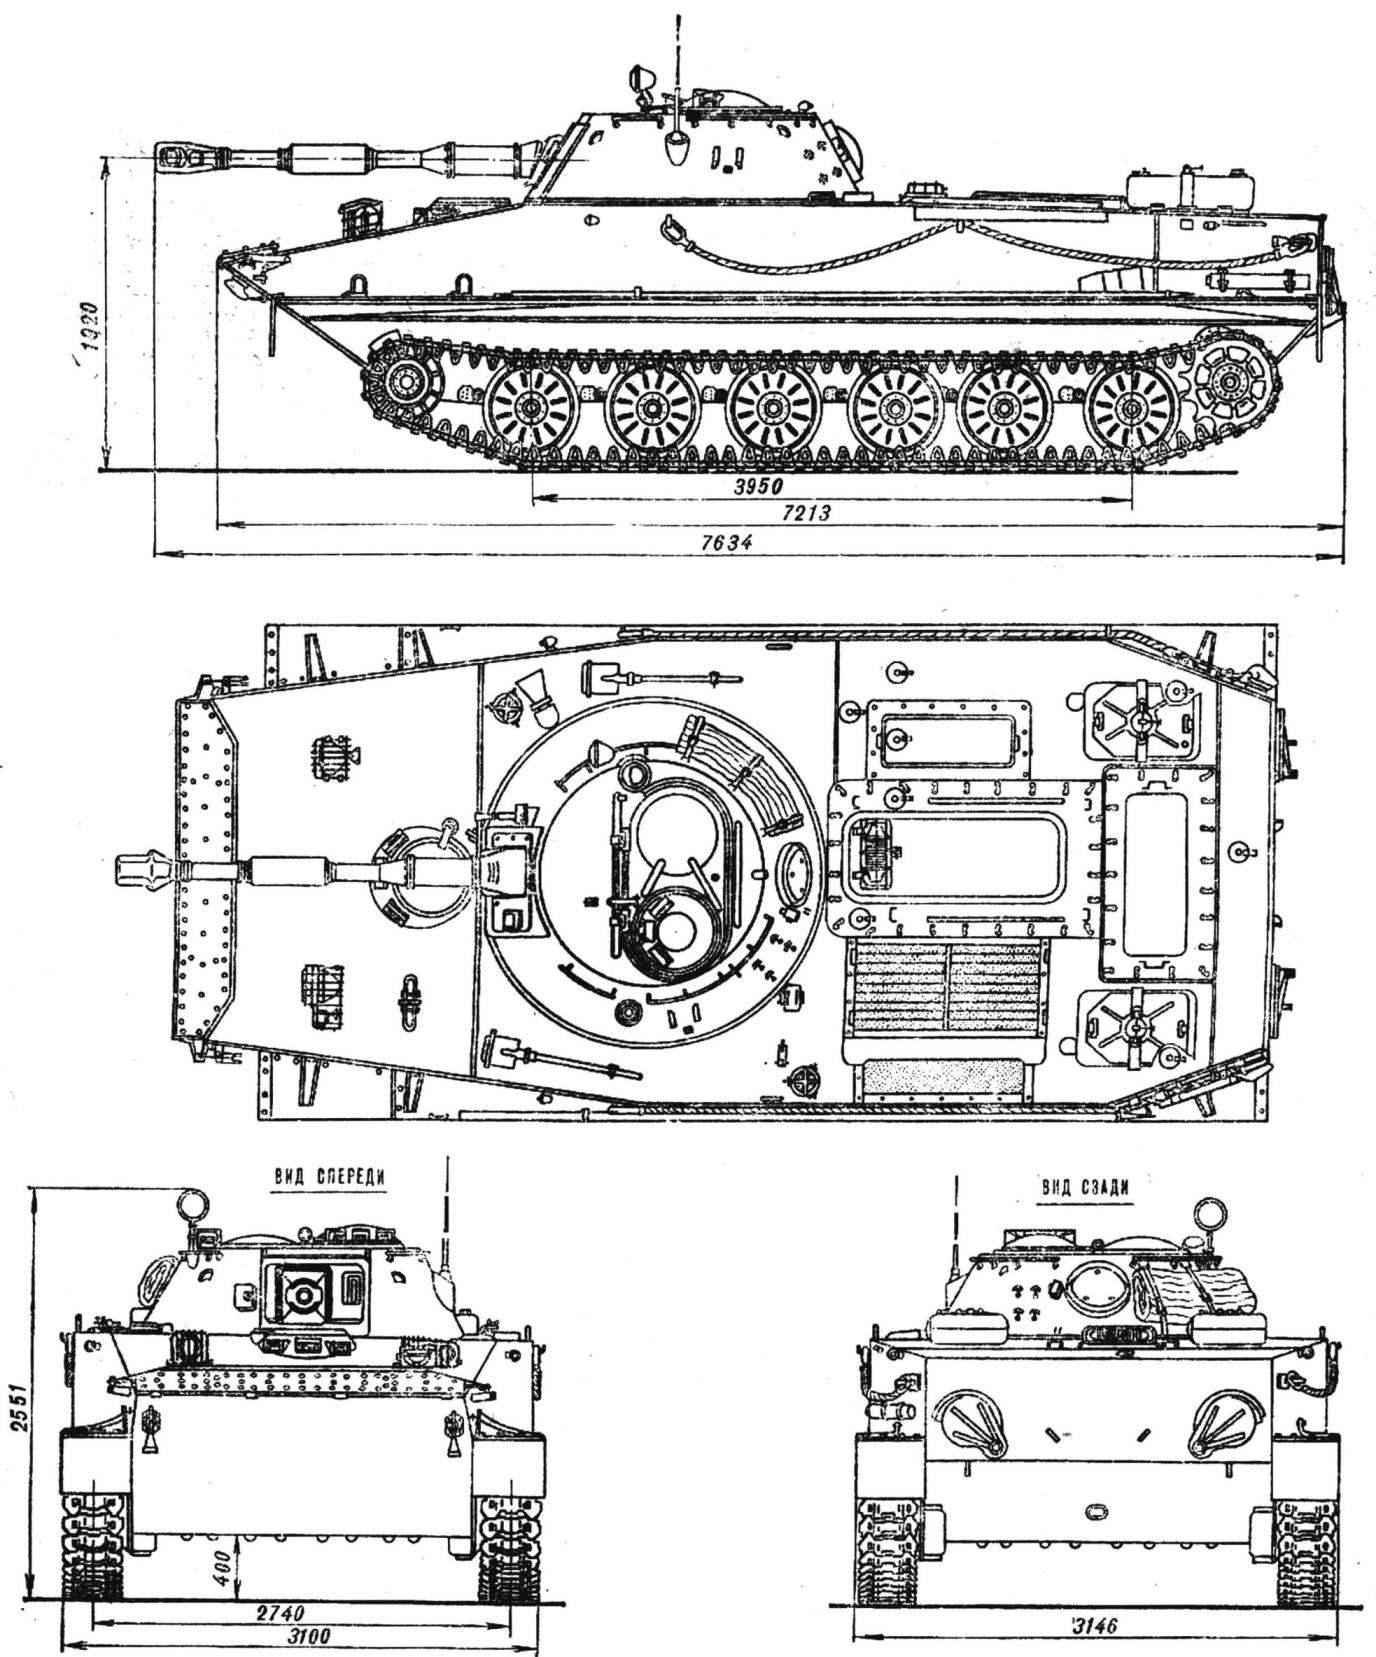 Floating tank PT-76.